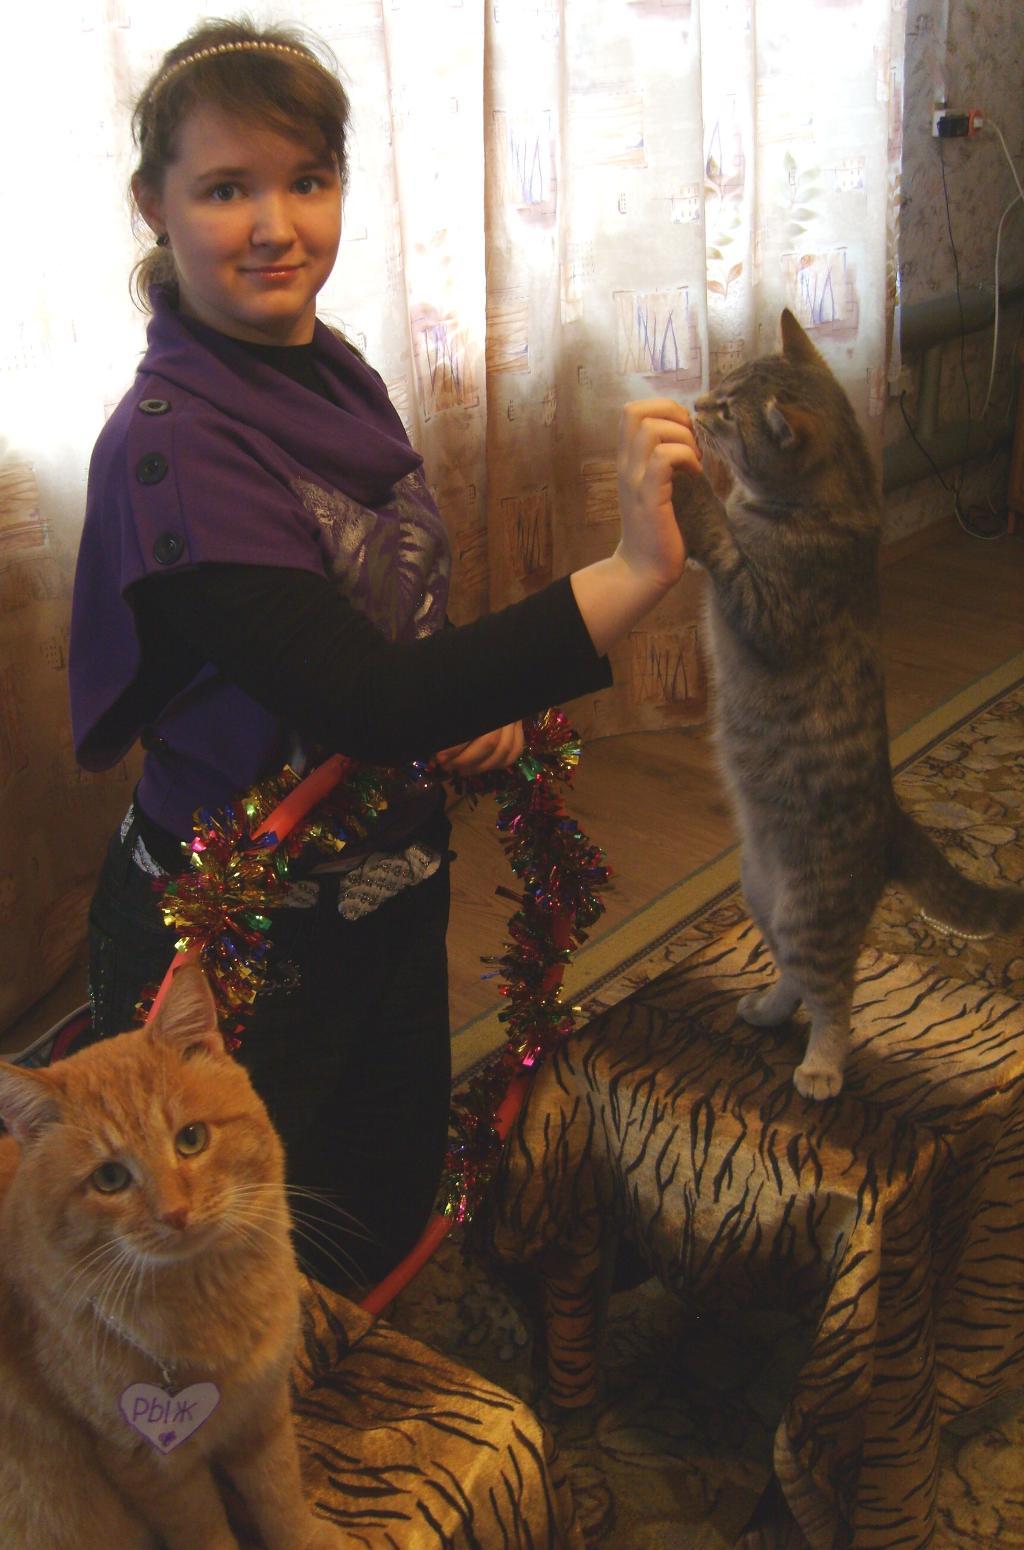 Я и мои любимые котики  - Рыжик и Барсик. Наши меньшие друзья